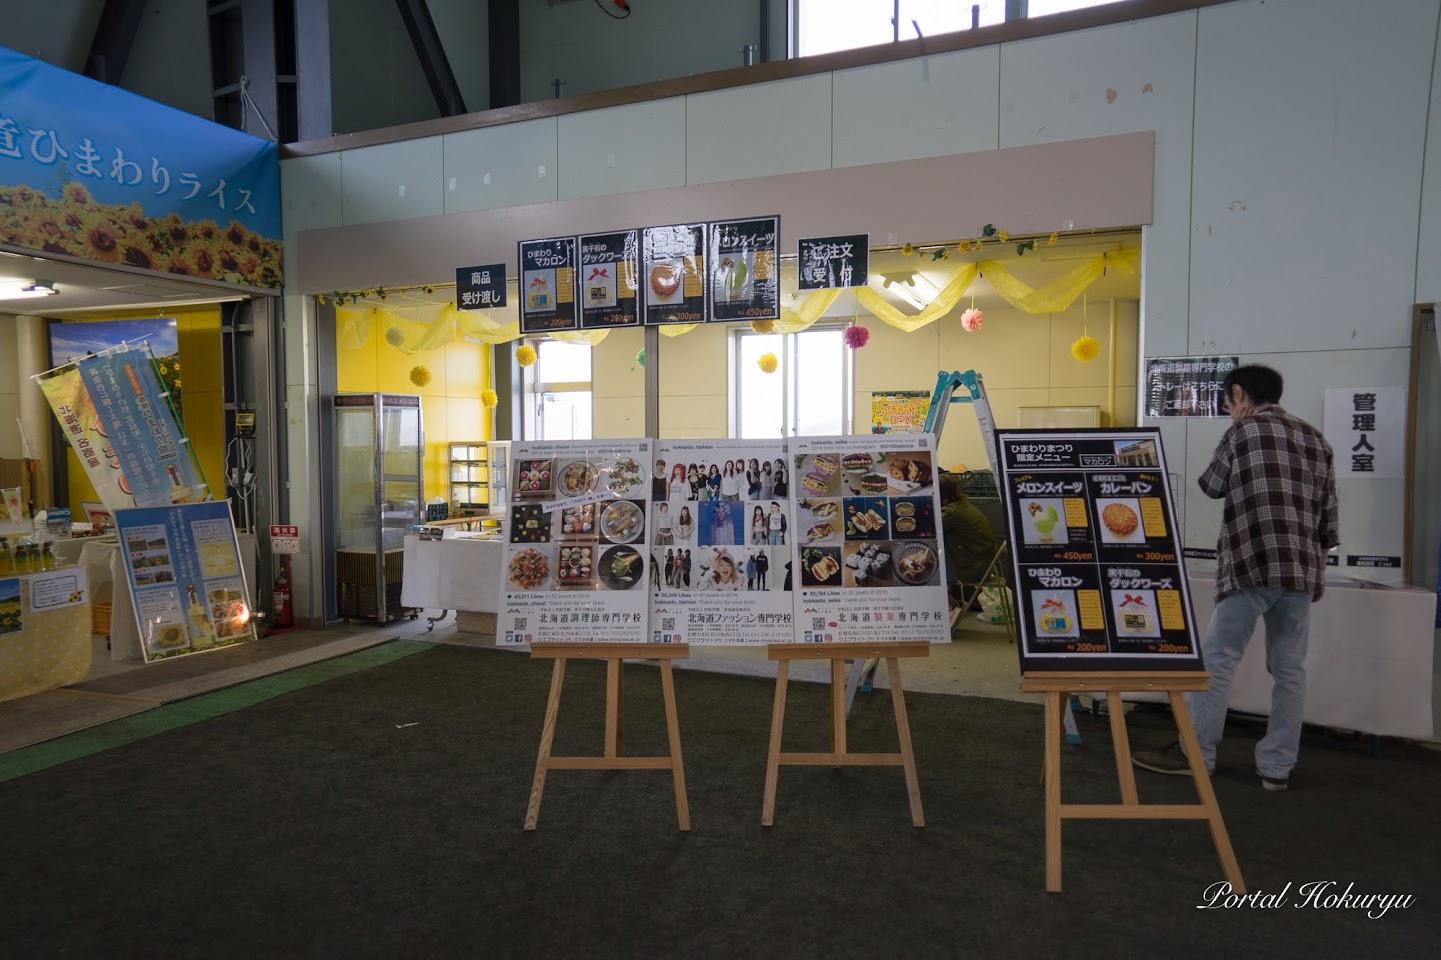 「マカロン in ひまわりの里」準備中@ひまわり観光センター